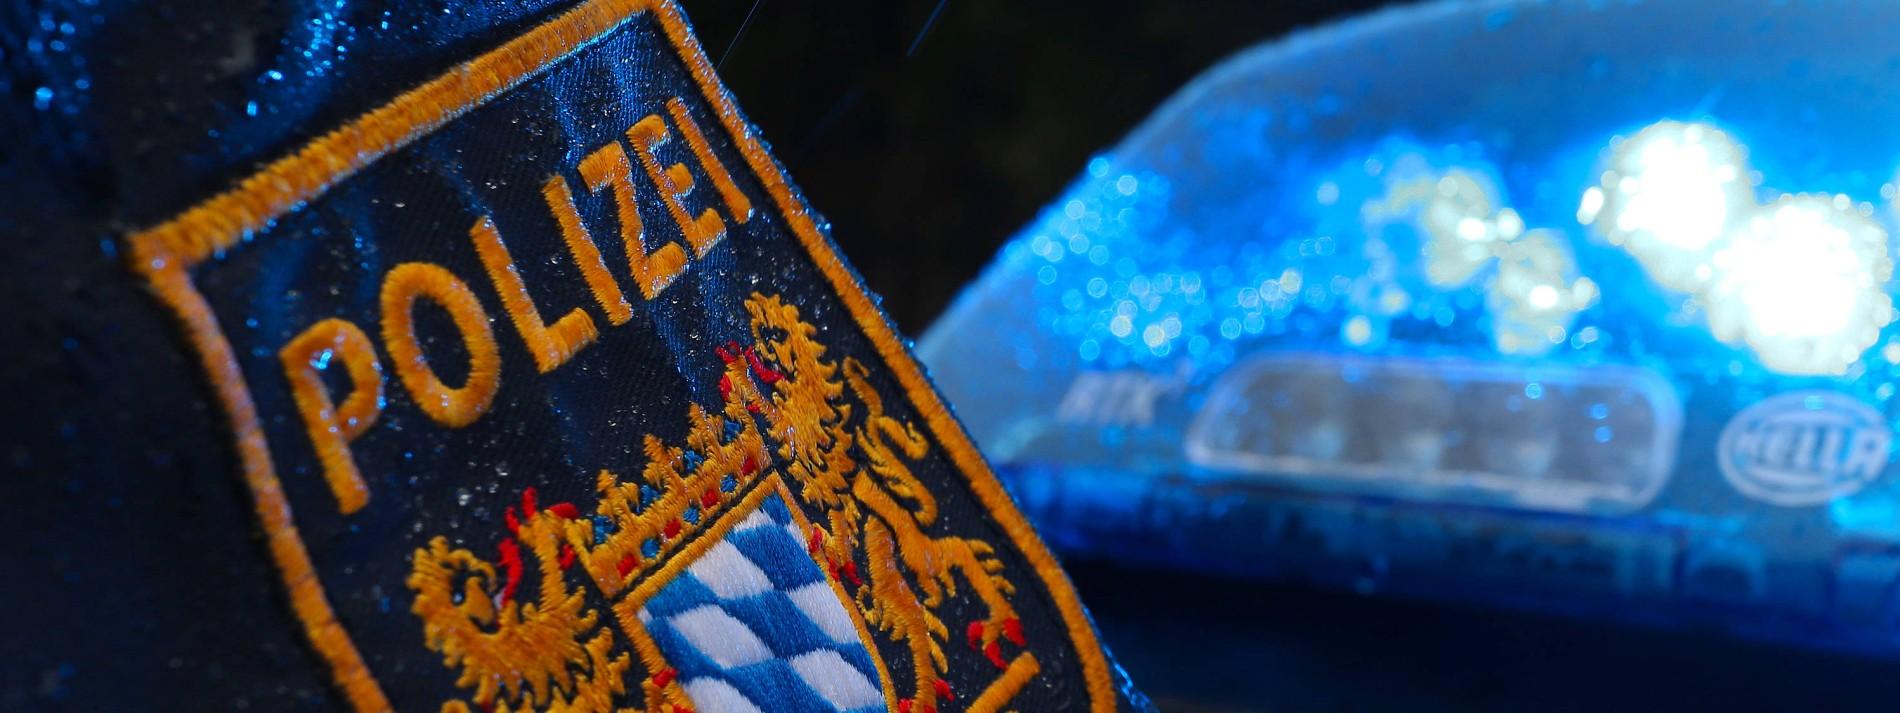 Falscher Arzt in Impfzentren in Bayern tätig